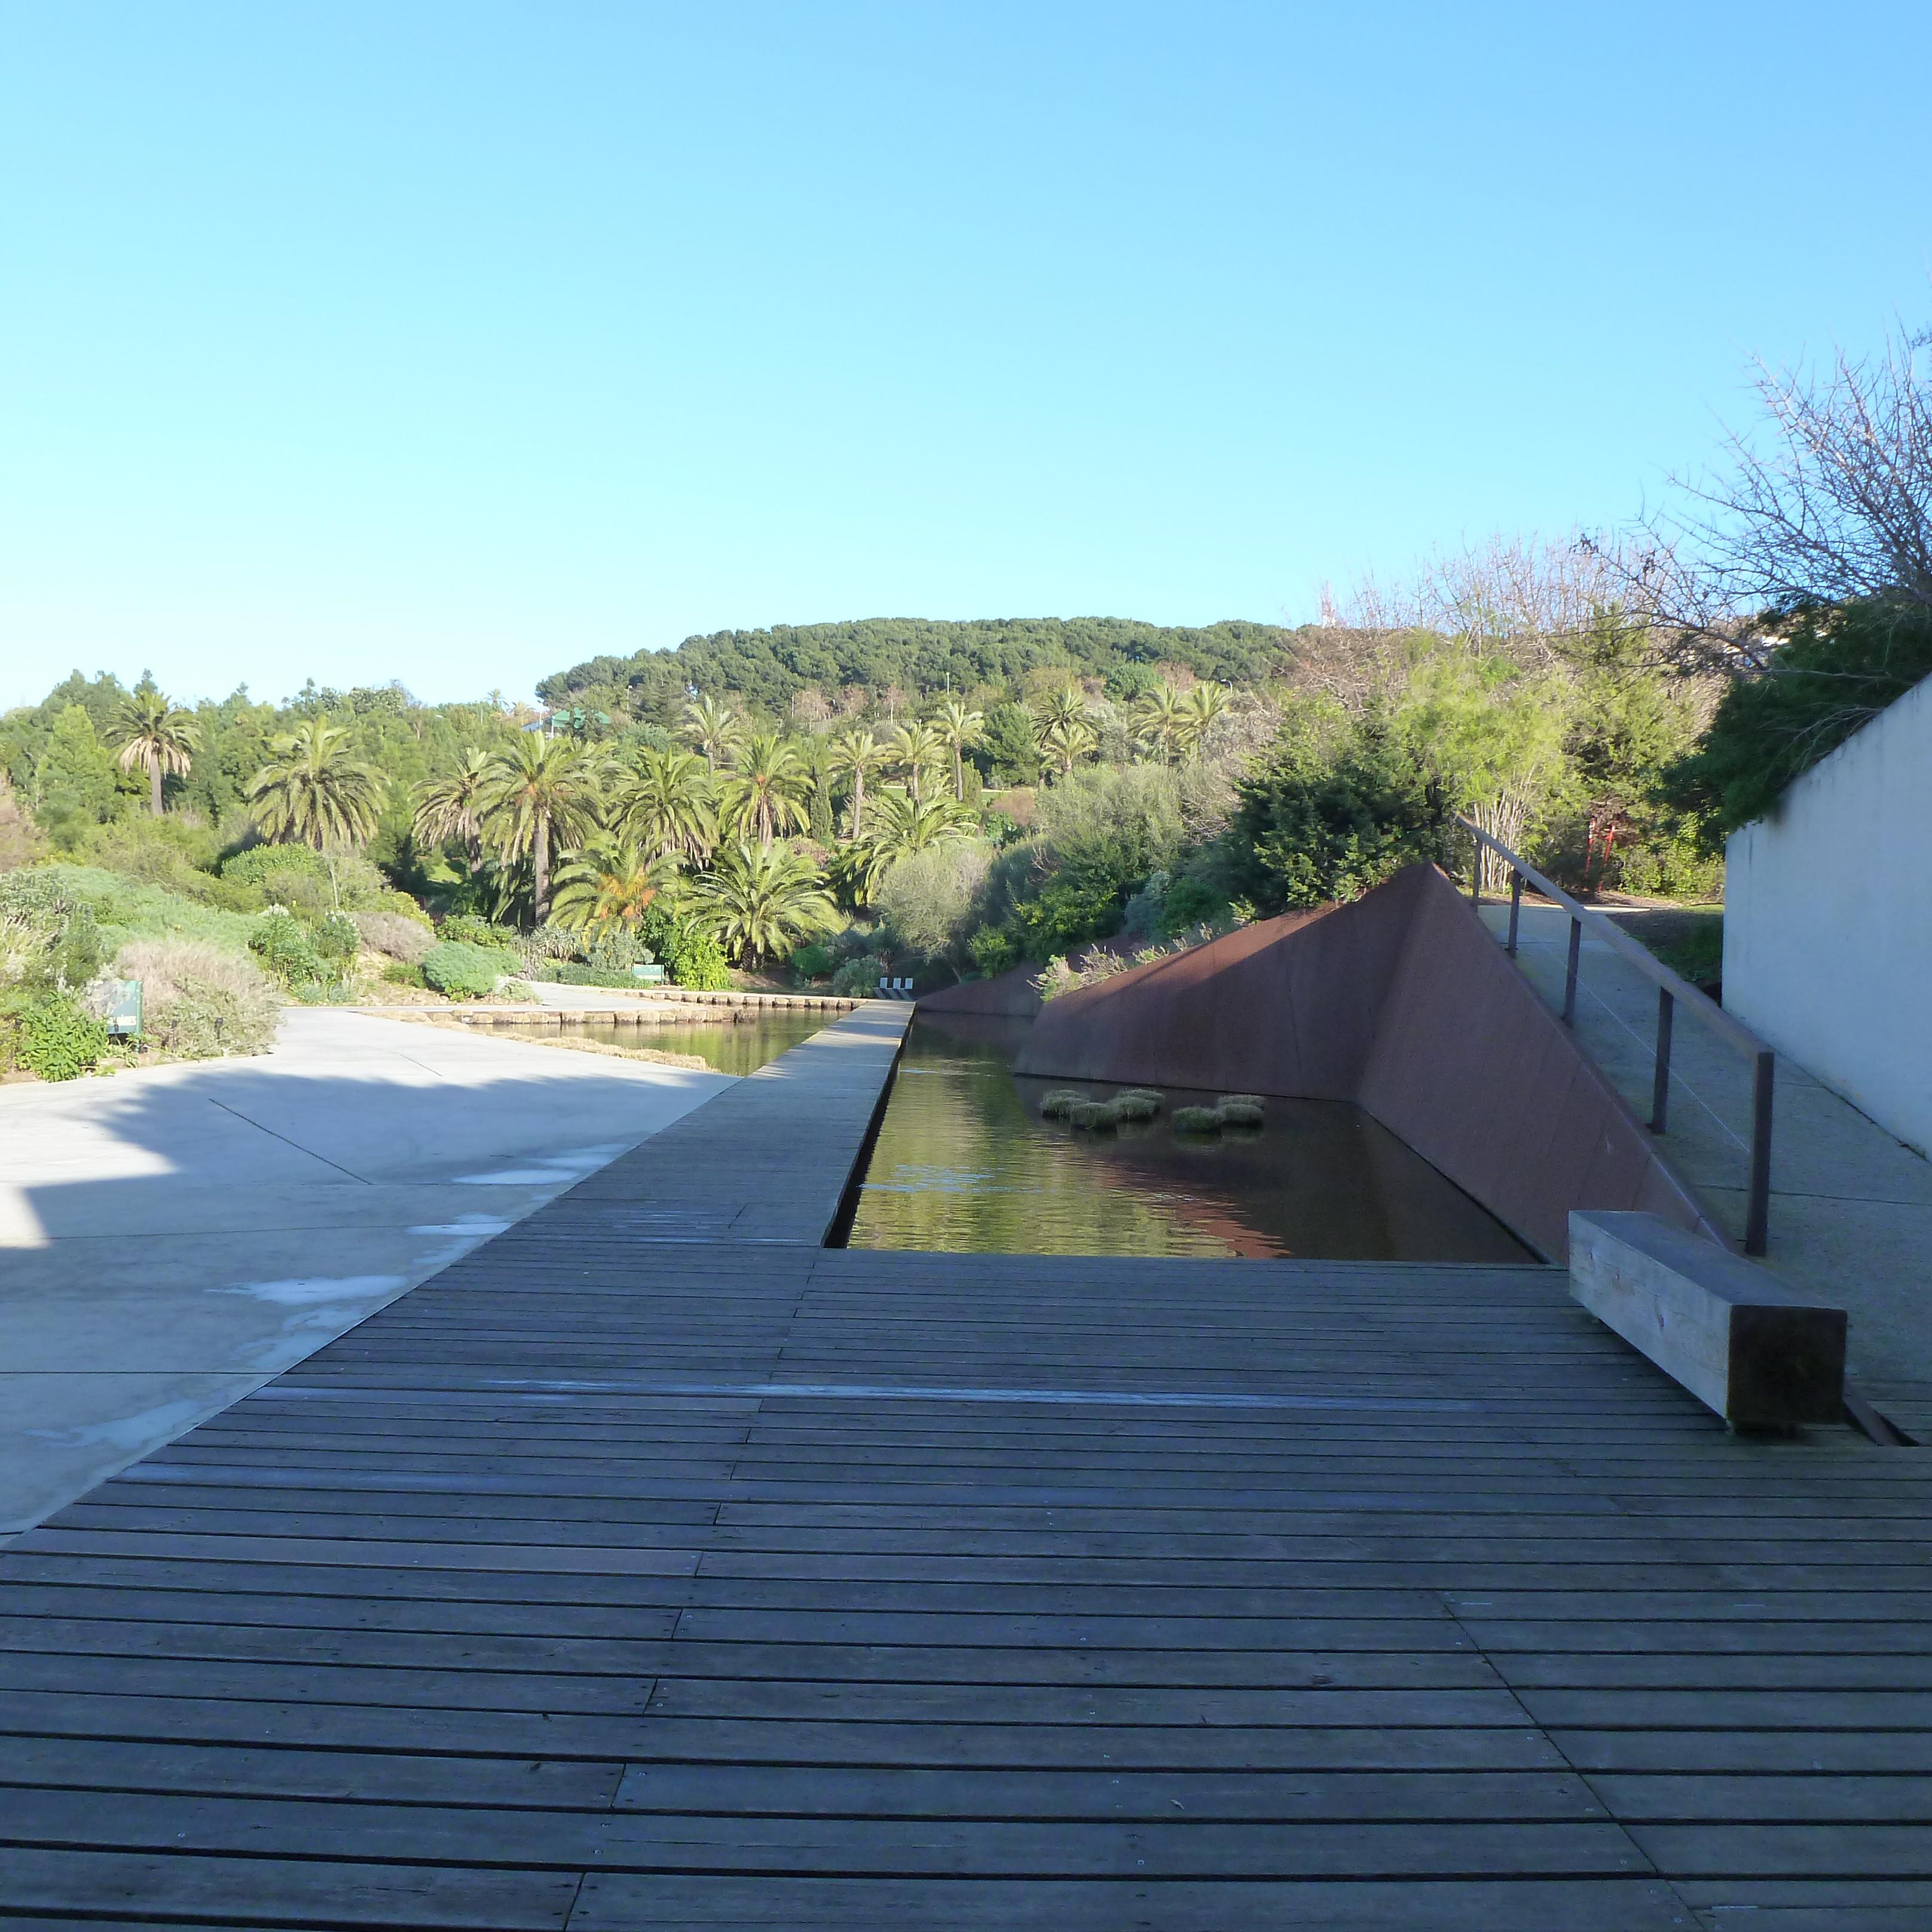 Jardins d ailleurs le jardin botanique de barcelone for Camping le jardin botanique limeray